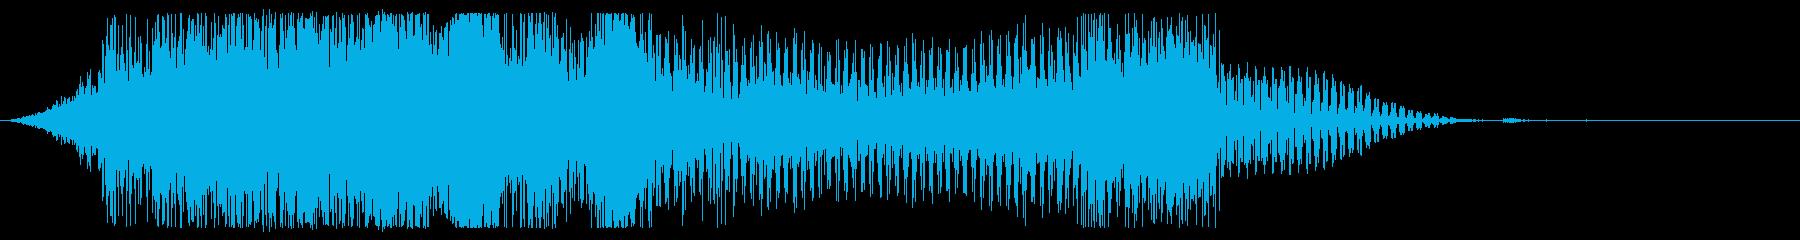 オープニングシェル、電子バウンス、共鳴の再生済みの波形